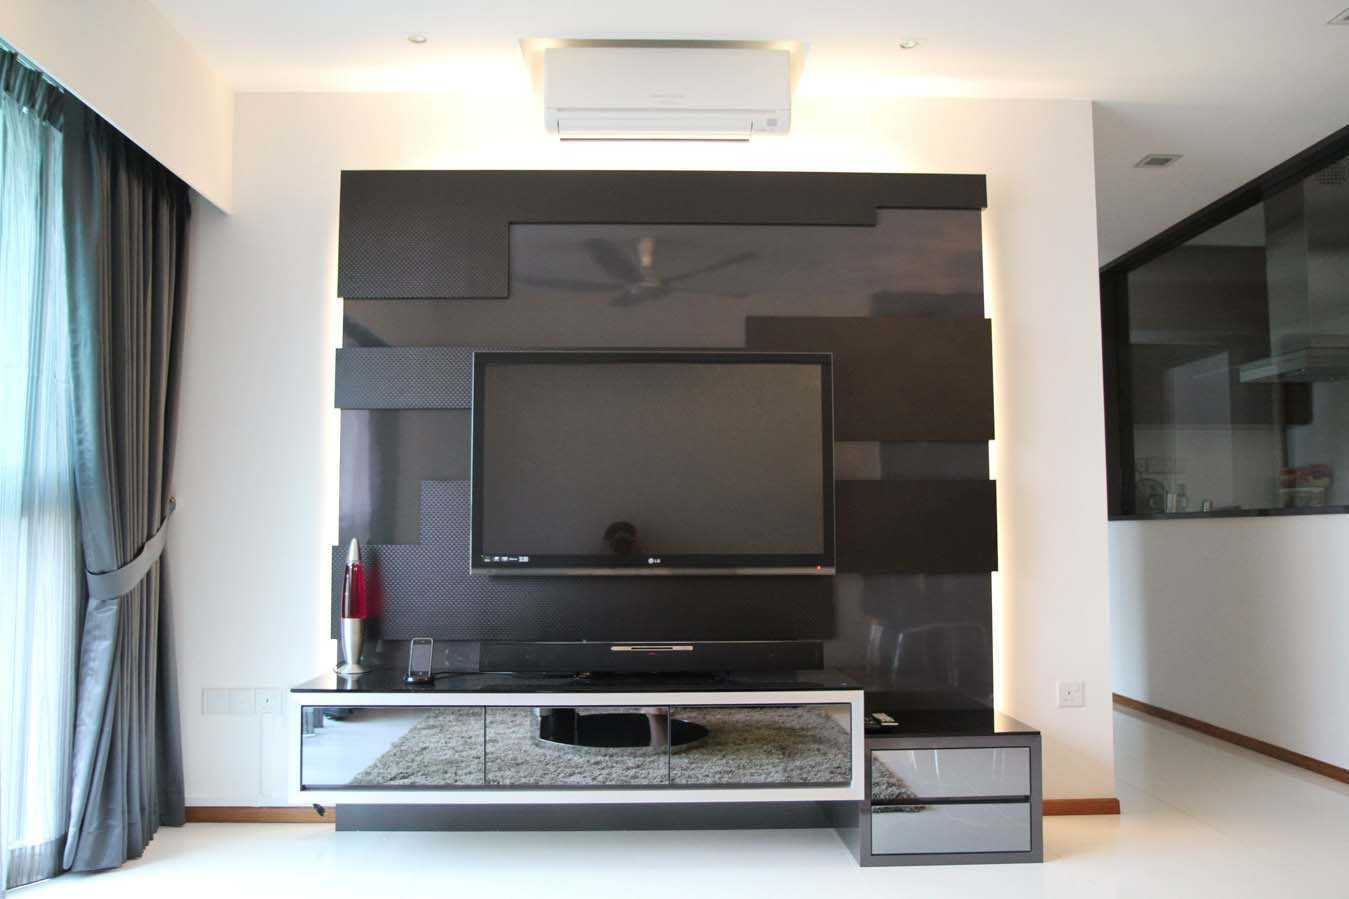 tv unit design ideas photo - 3